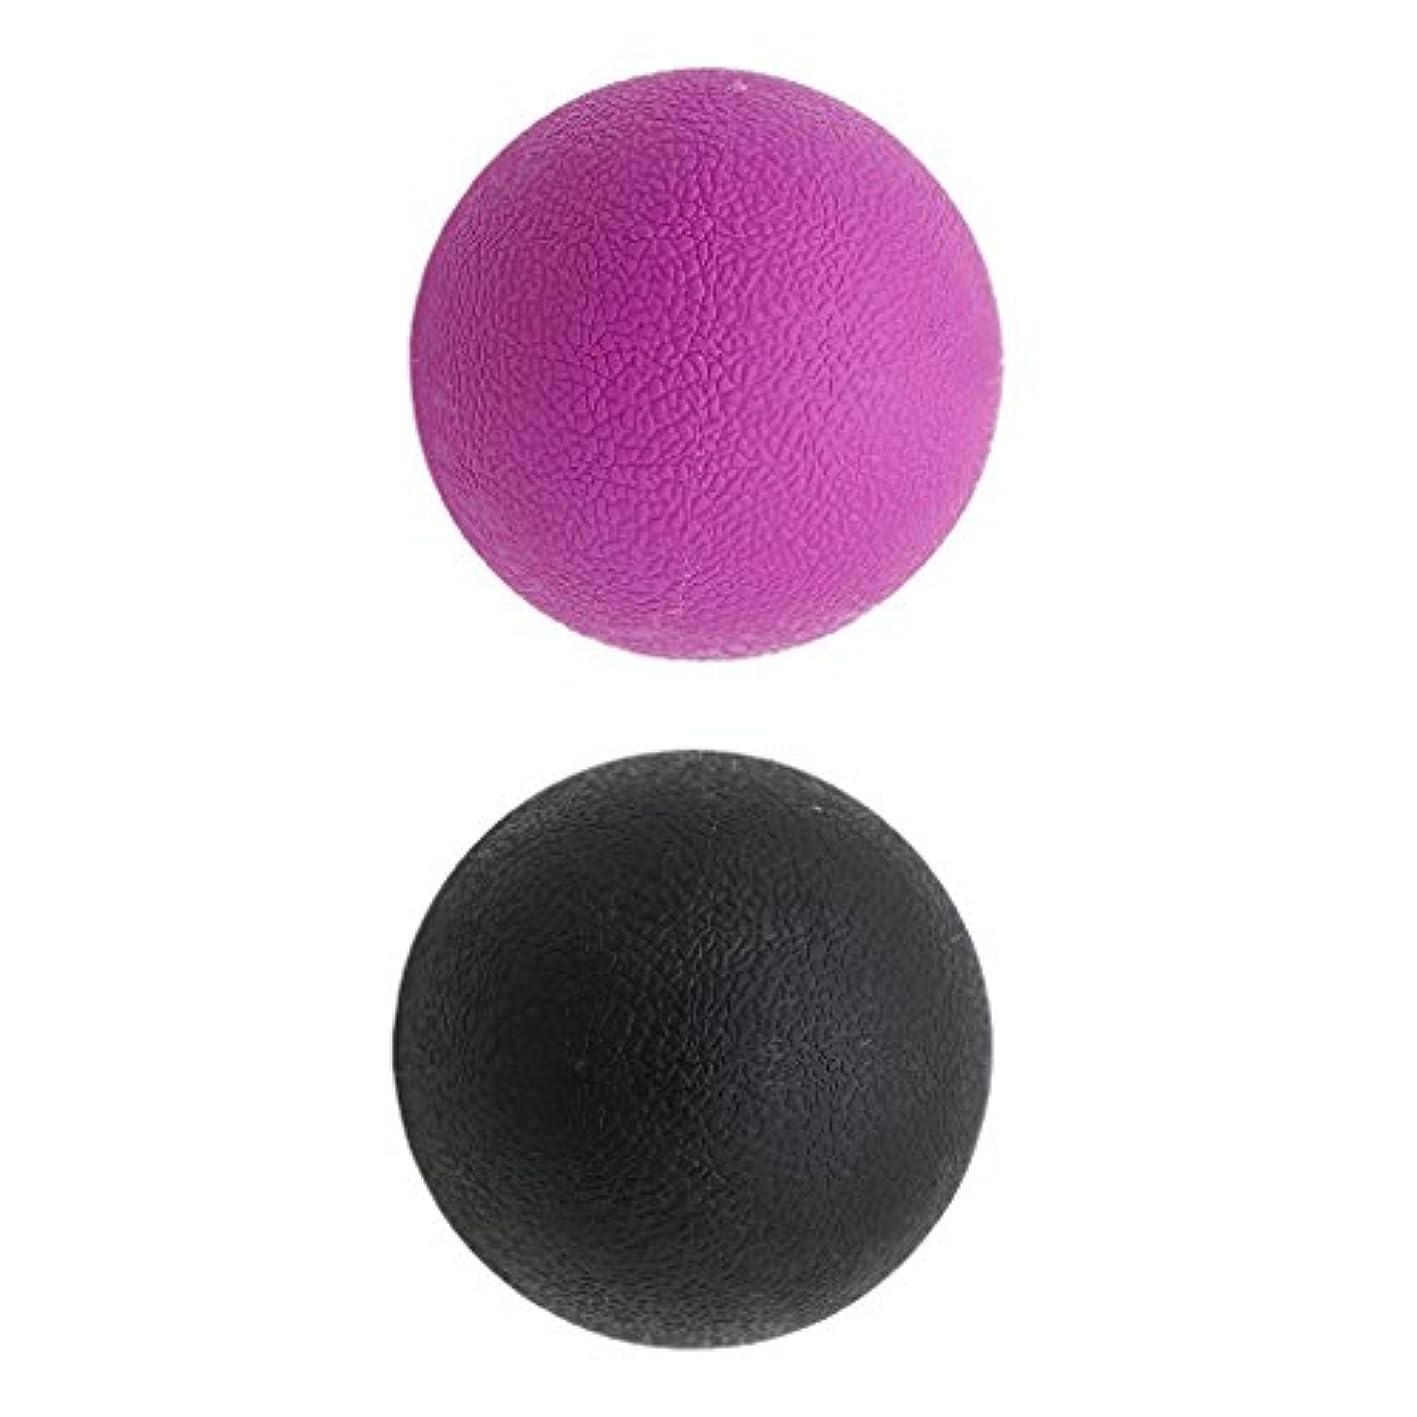 メンタリティ運命蚊Kesoto 2個 マッサージボール ラクロスボール 背部 トリガ ポイント マッサージ 多色選べる - ブラックパープル